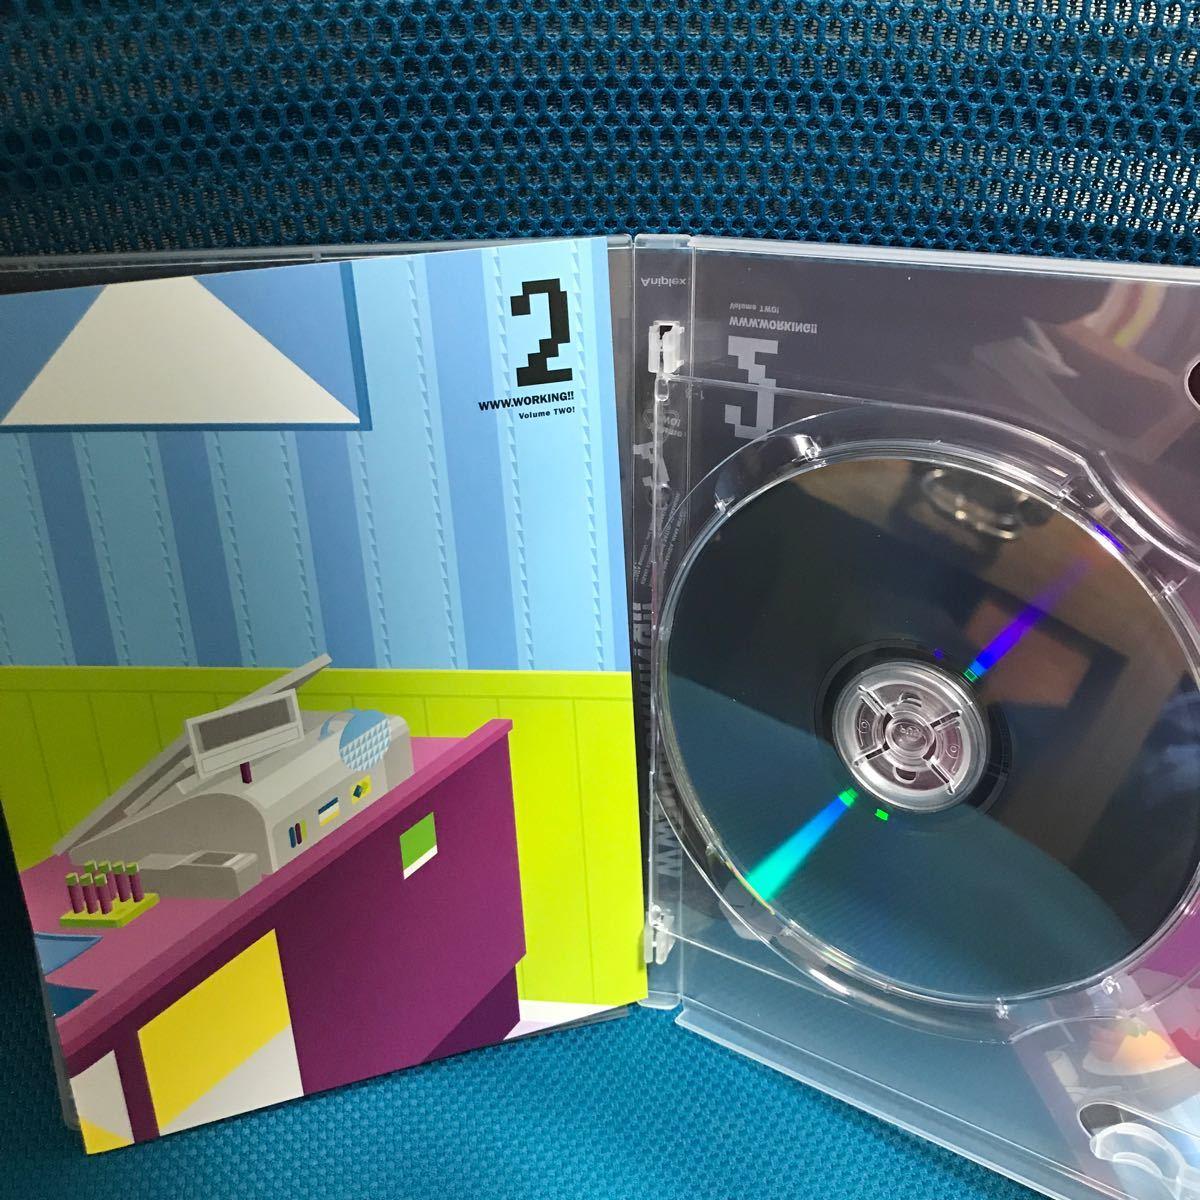 アニメ / 送料無料/ WWW.WORKING 2 完全生産限定版/BLU-RAY DISC